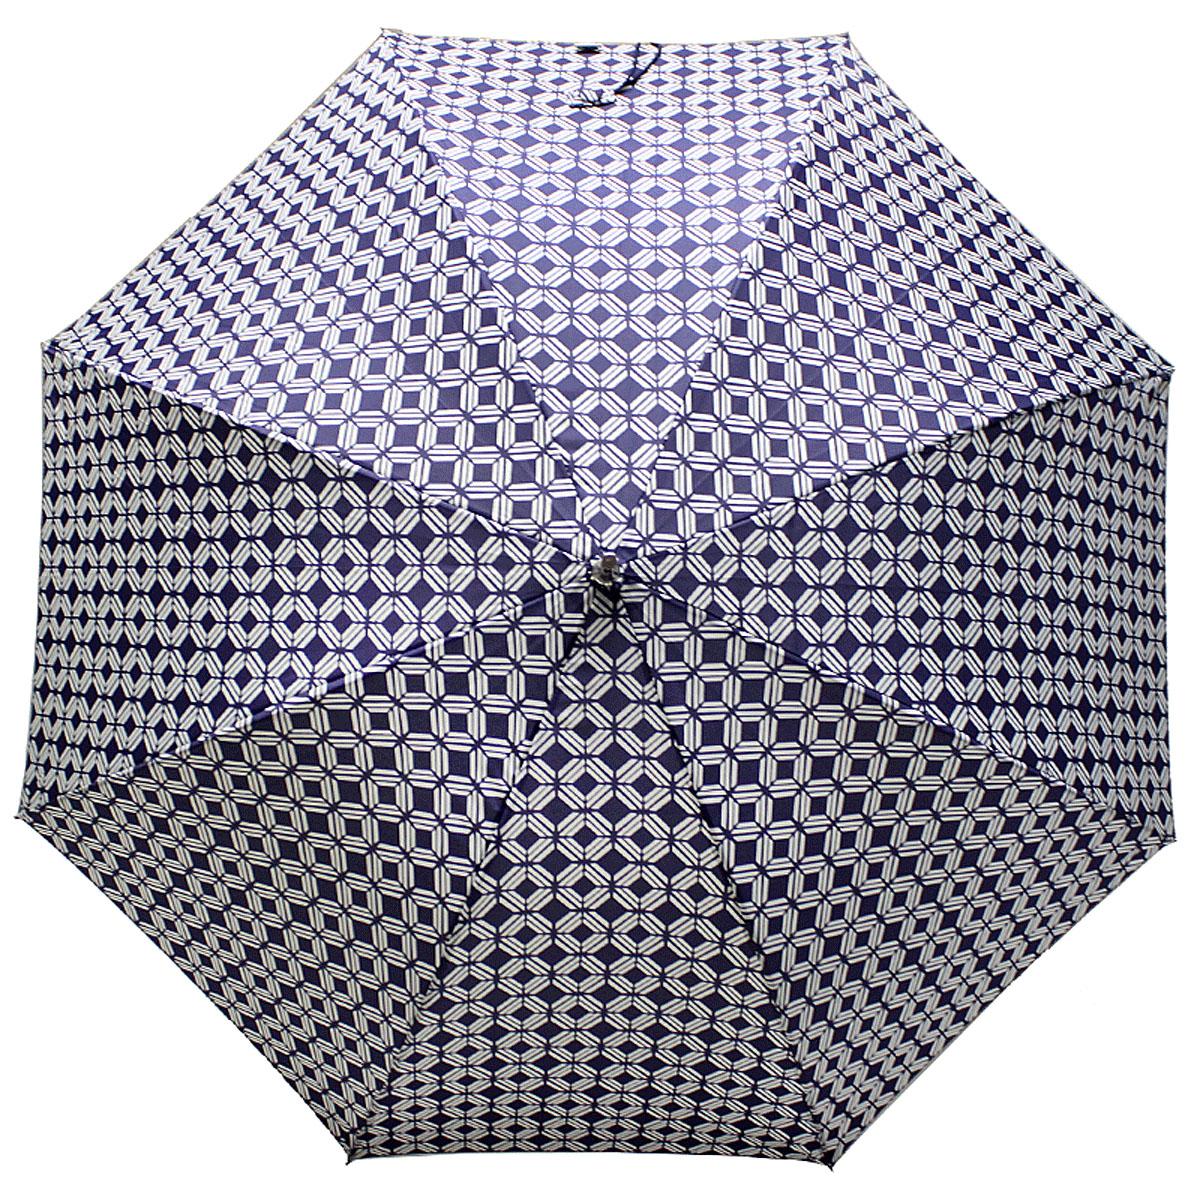 Зонт-трость женский Vogue, Автомат, цвет: синий. 124V-2124V-2Коллекция Vogue, отражающая самые последние тенденции в моде, очень удачно сочетается с практичностью и отличным качеством испанских зонтов, применение в производстве каркасов современных материалов уменьшает вес зонтиков и гарантирует надежность и качество. Рекомендации по использованию: Мокрый зонт нельзя оставять сложенным. Зонт после использования рекомндуется сушить в полураскрытом виде вдали от нагревательных приборов. Чистить зонт рекомендуется губкой, используя мягкие нещелочные растворы.